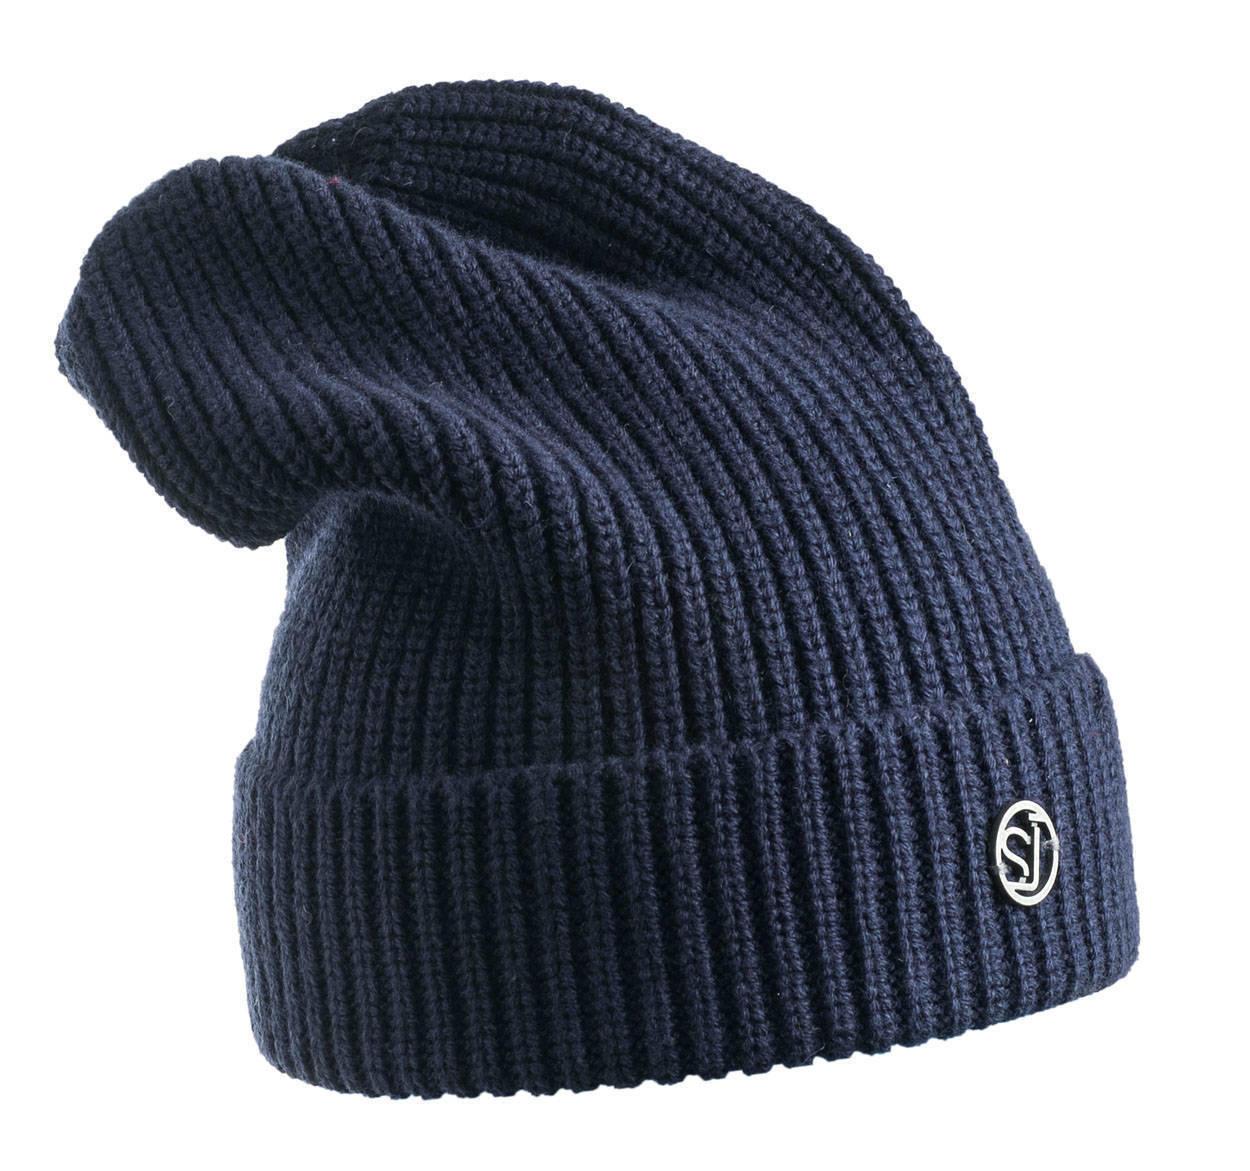 2a7c39ee9b Cappello modello cuffia a coste larghe per bambino da 6 a 16 anni Sarabanda  NAVY-